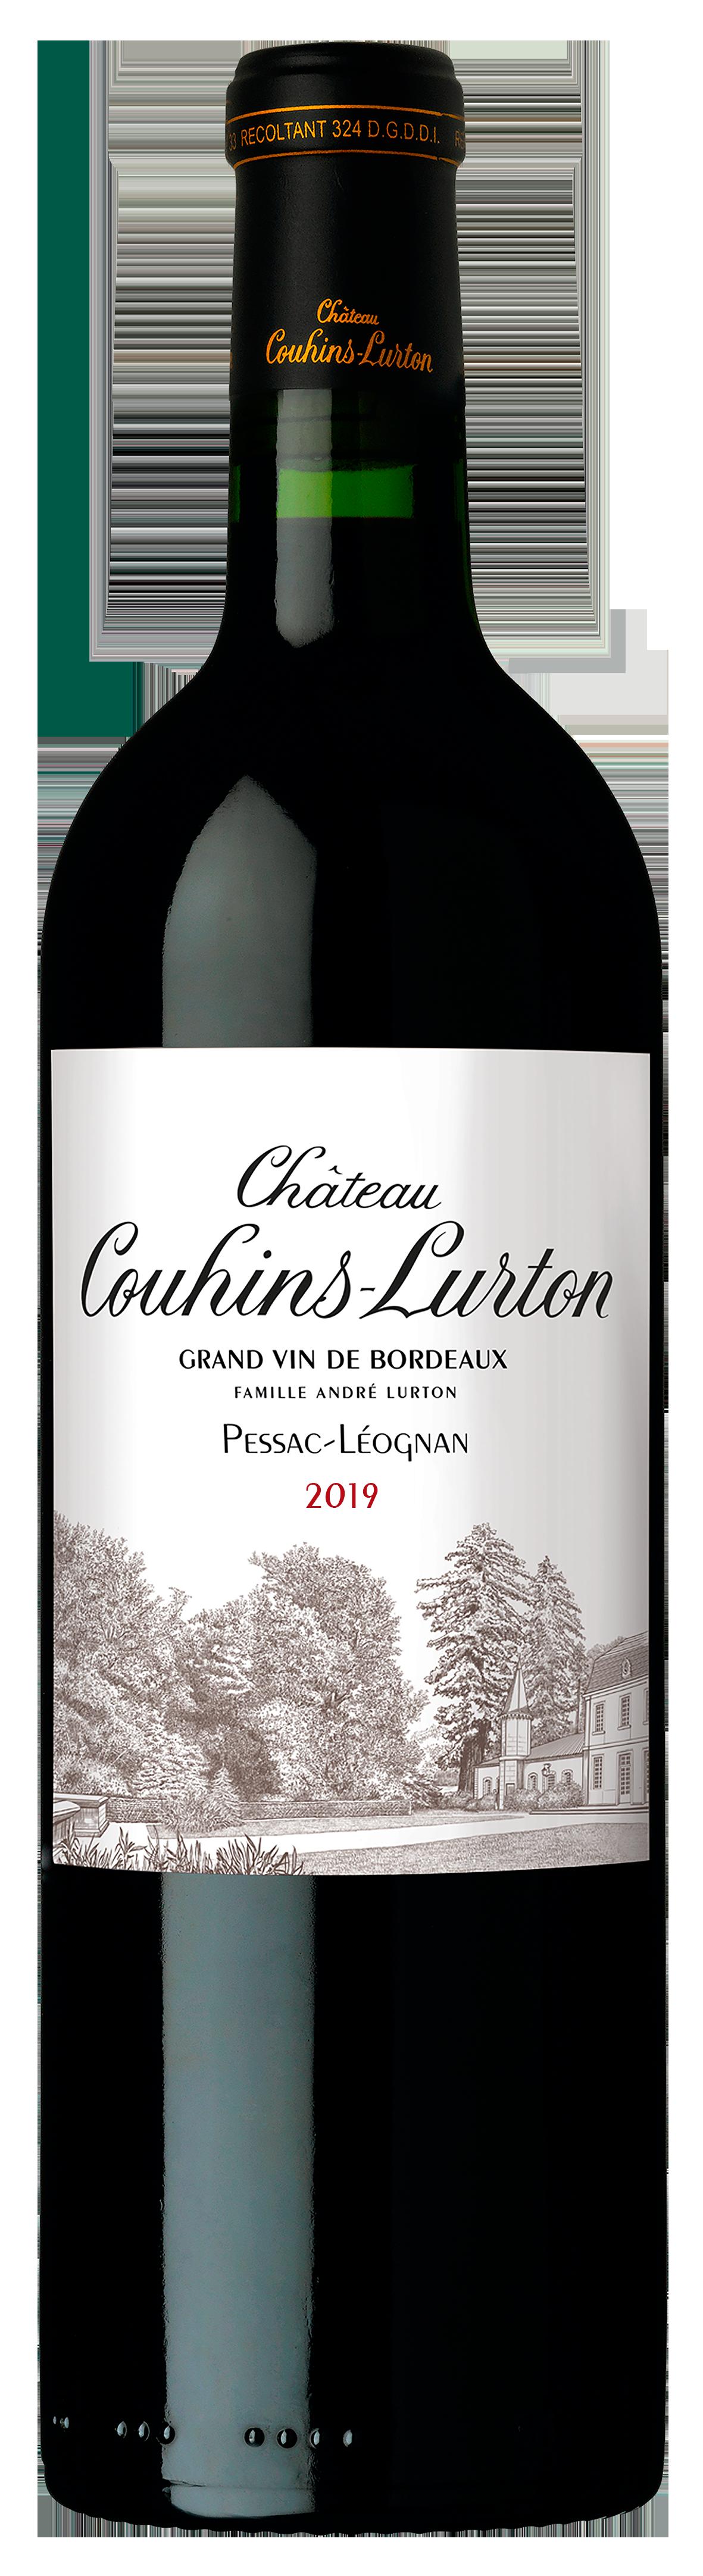 Visuel bouteille Château Couhins-Lurton rouge 2019